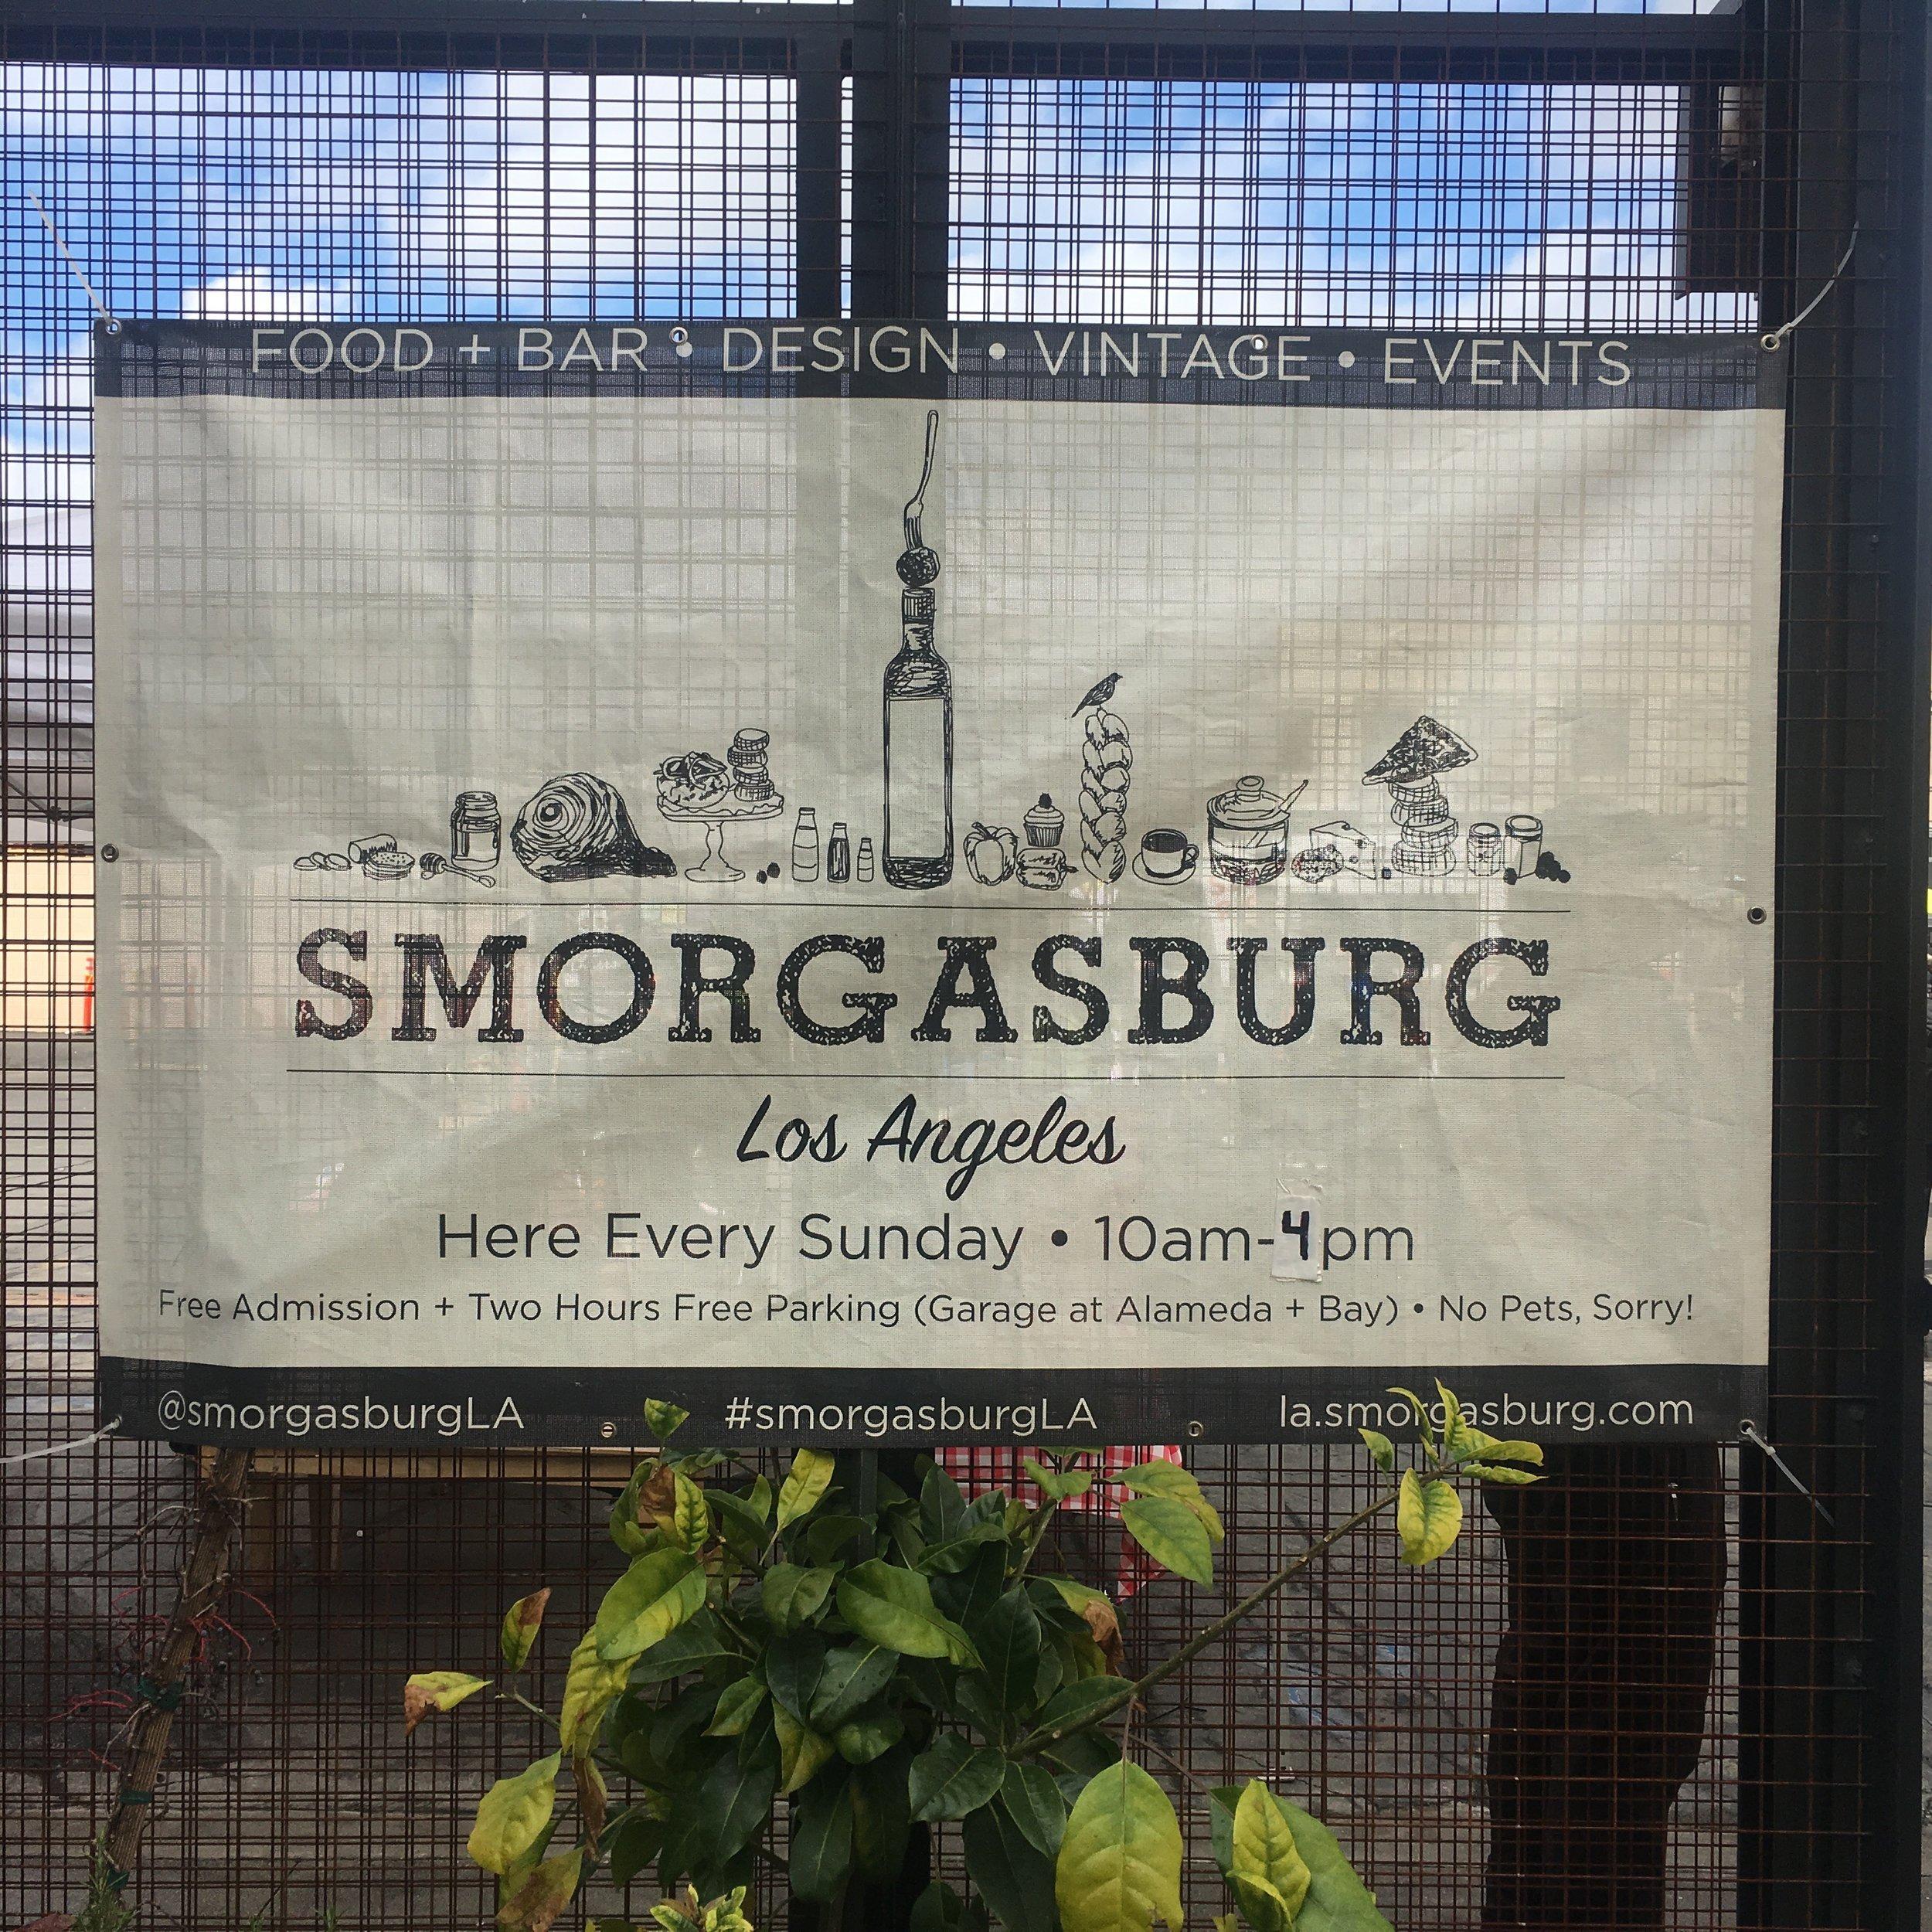 Smorgasburg Los Angeles